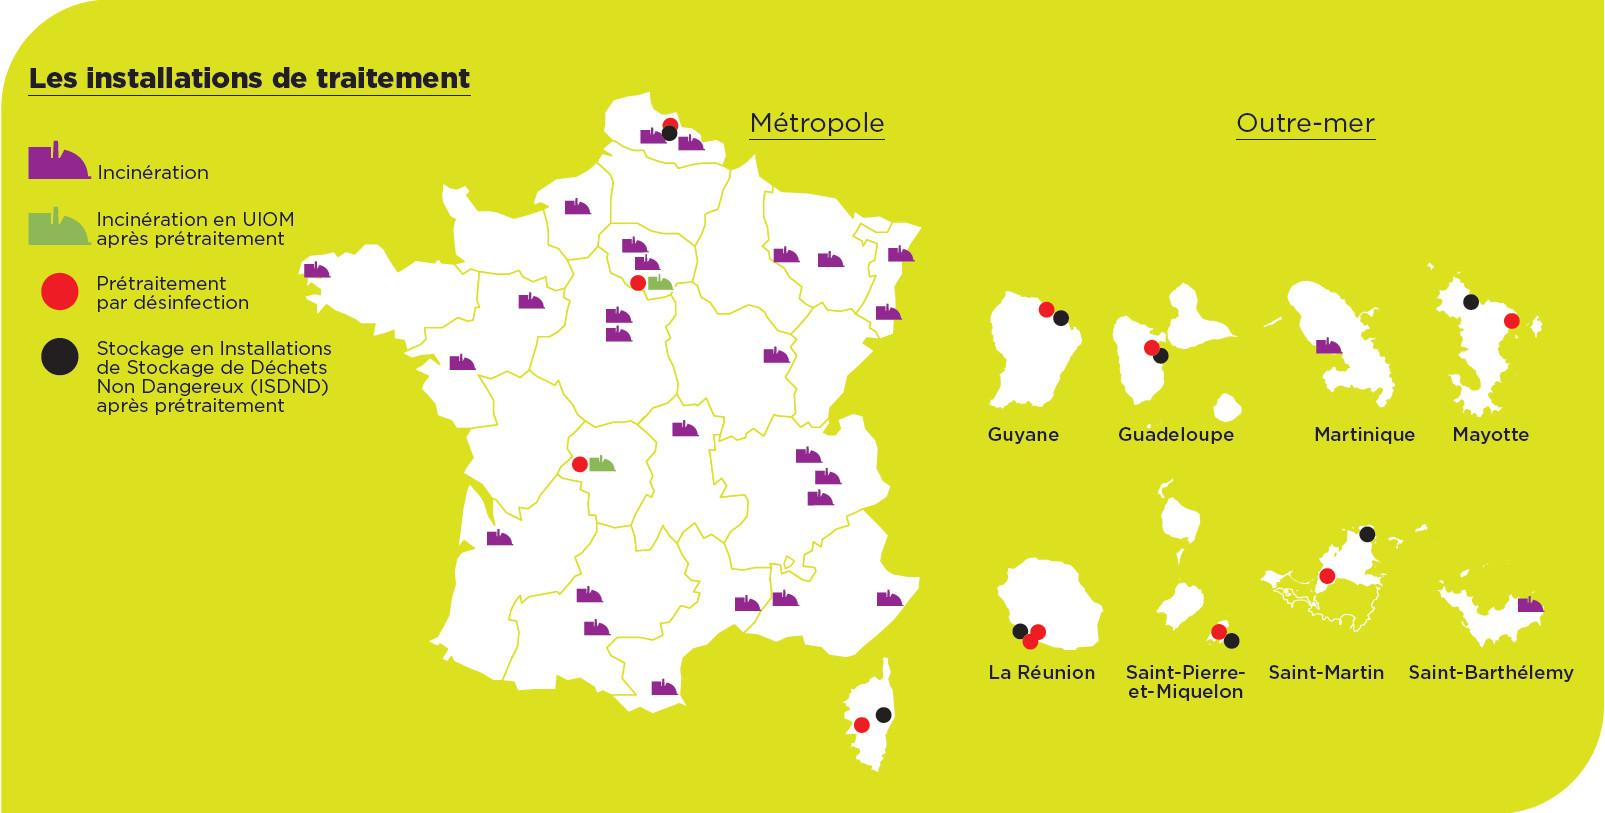 Carte des installations de traitement 2020